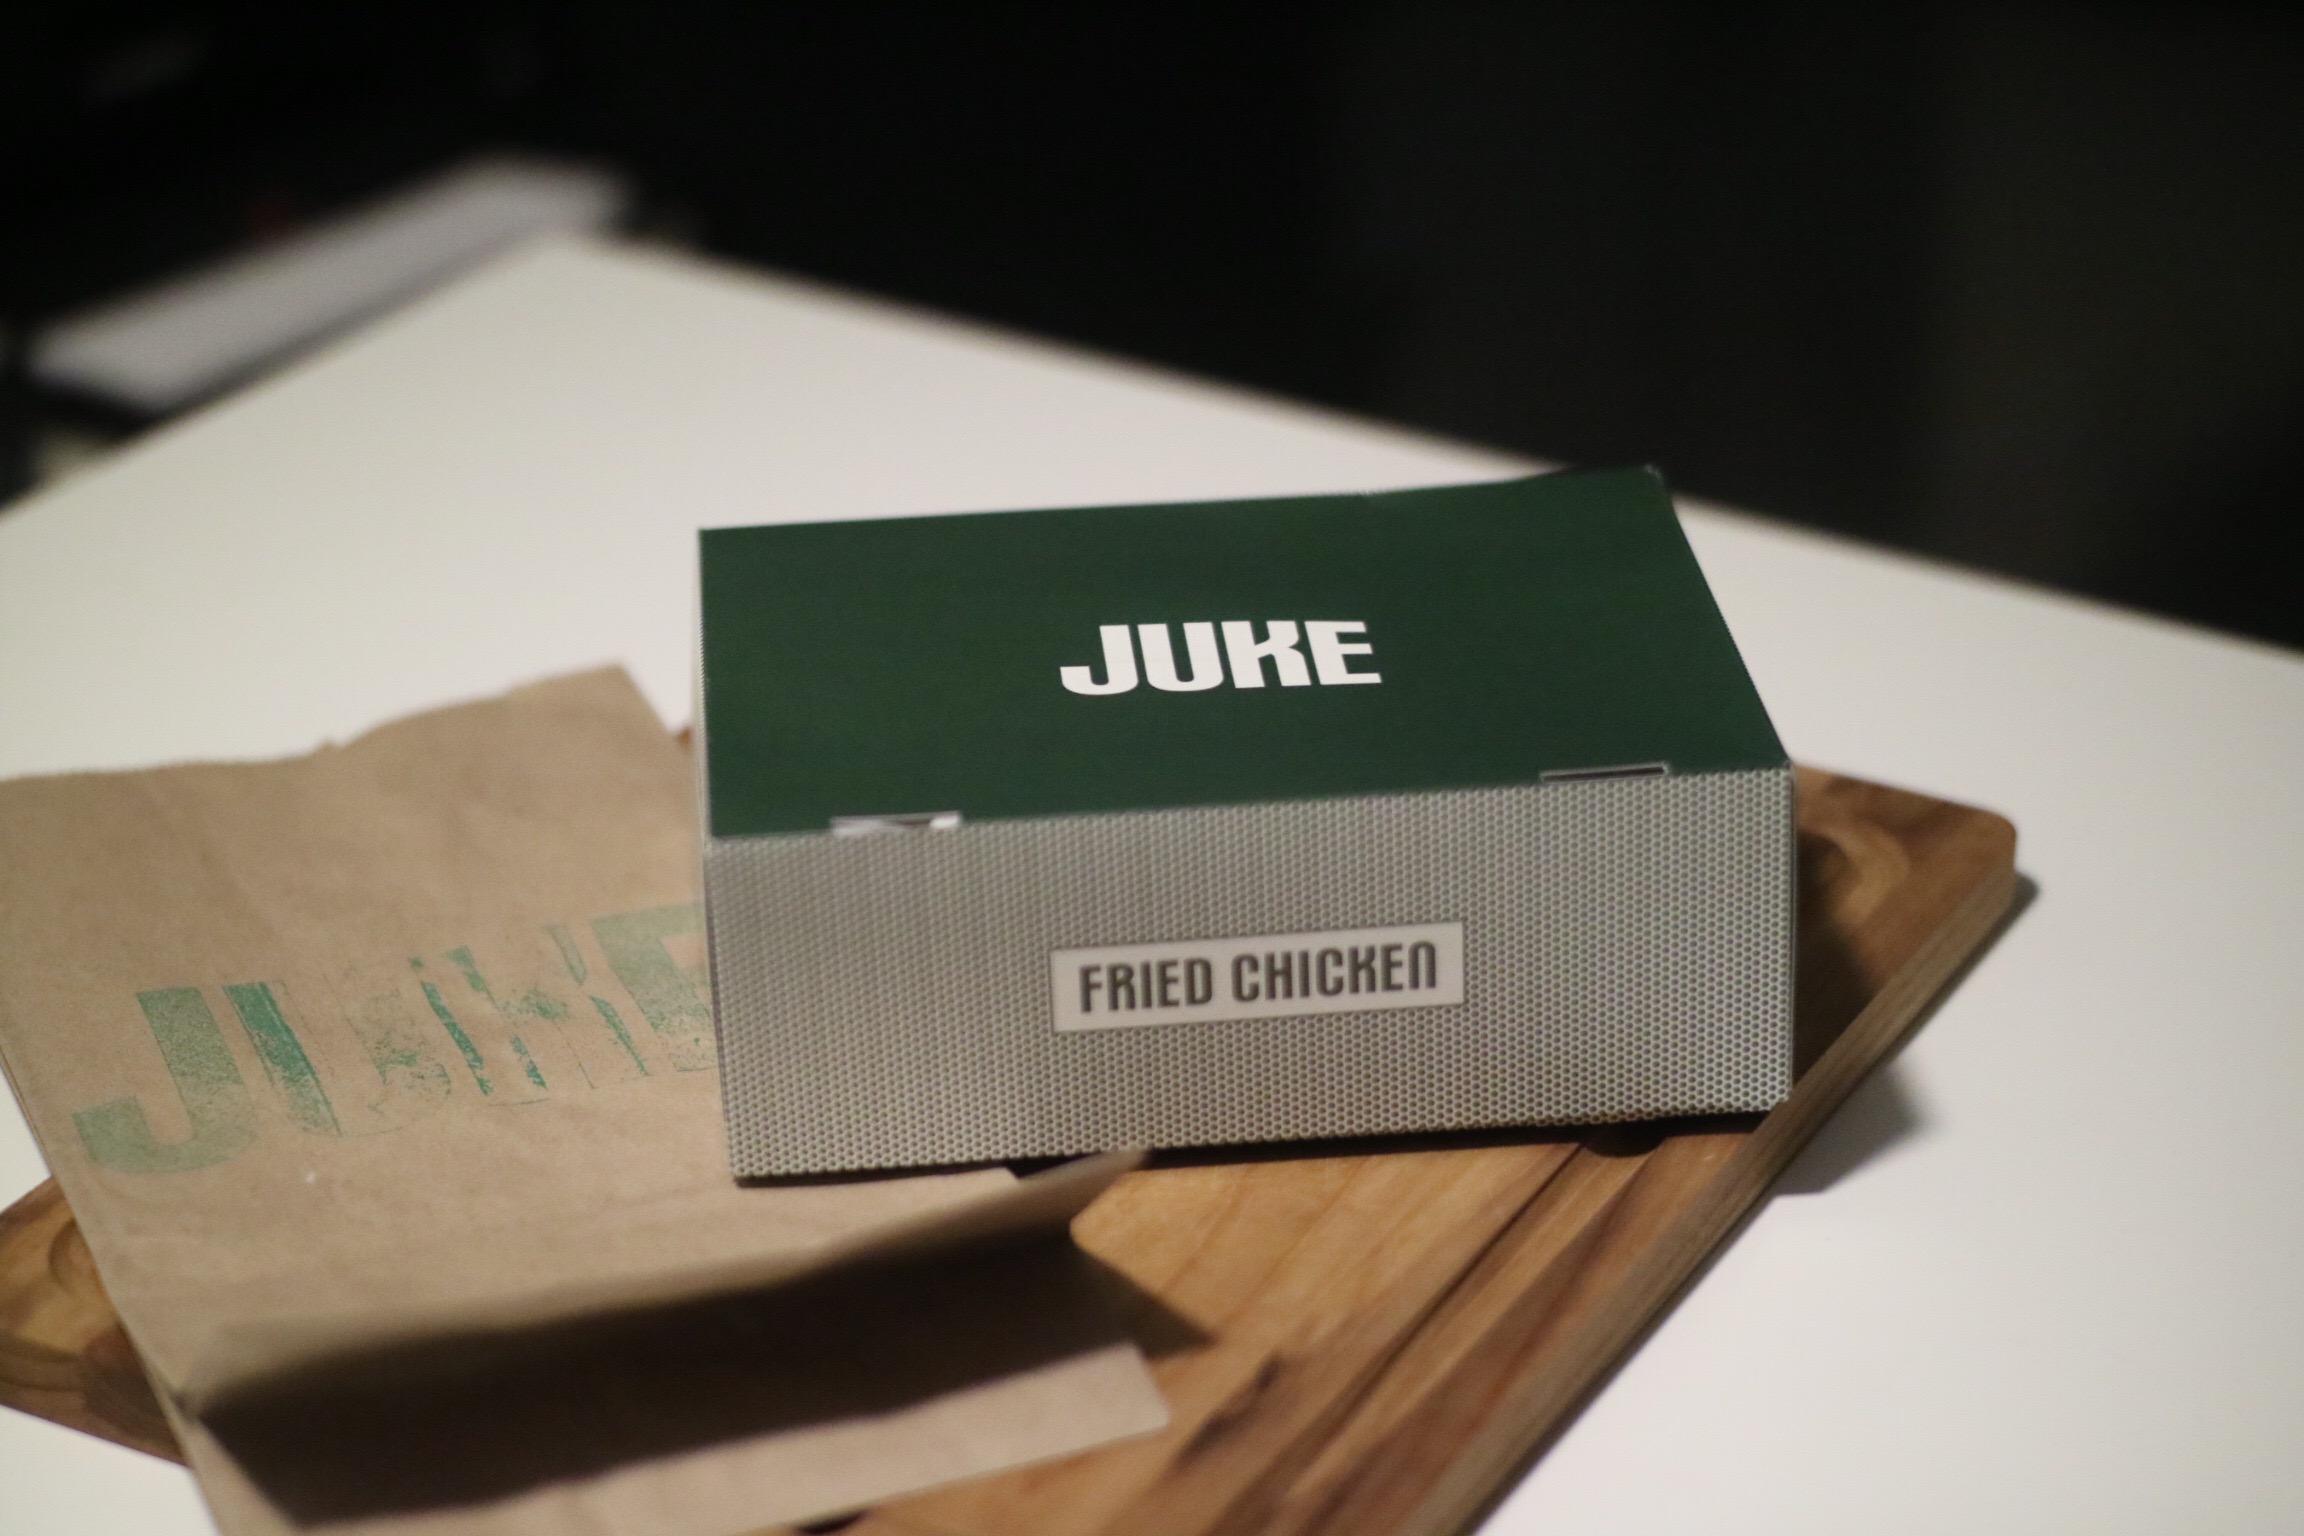 Little Juke